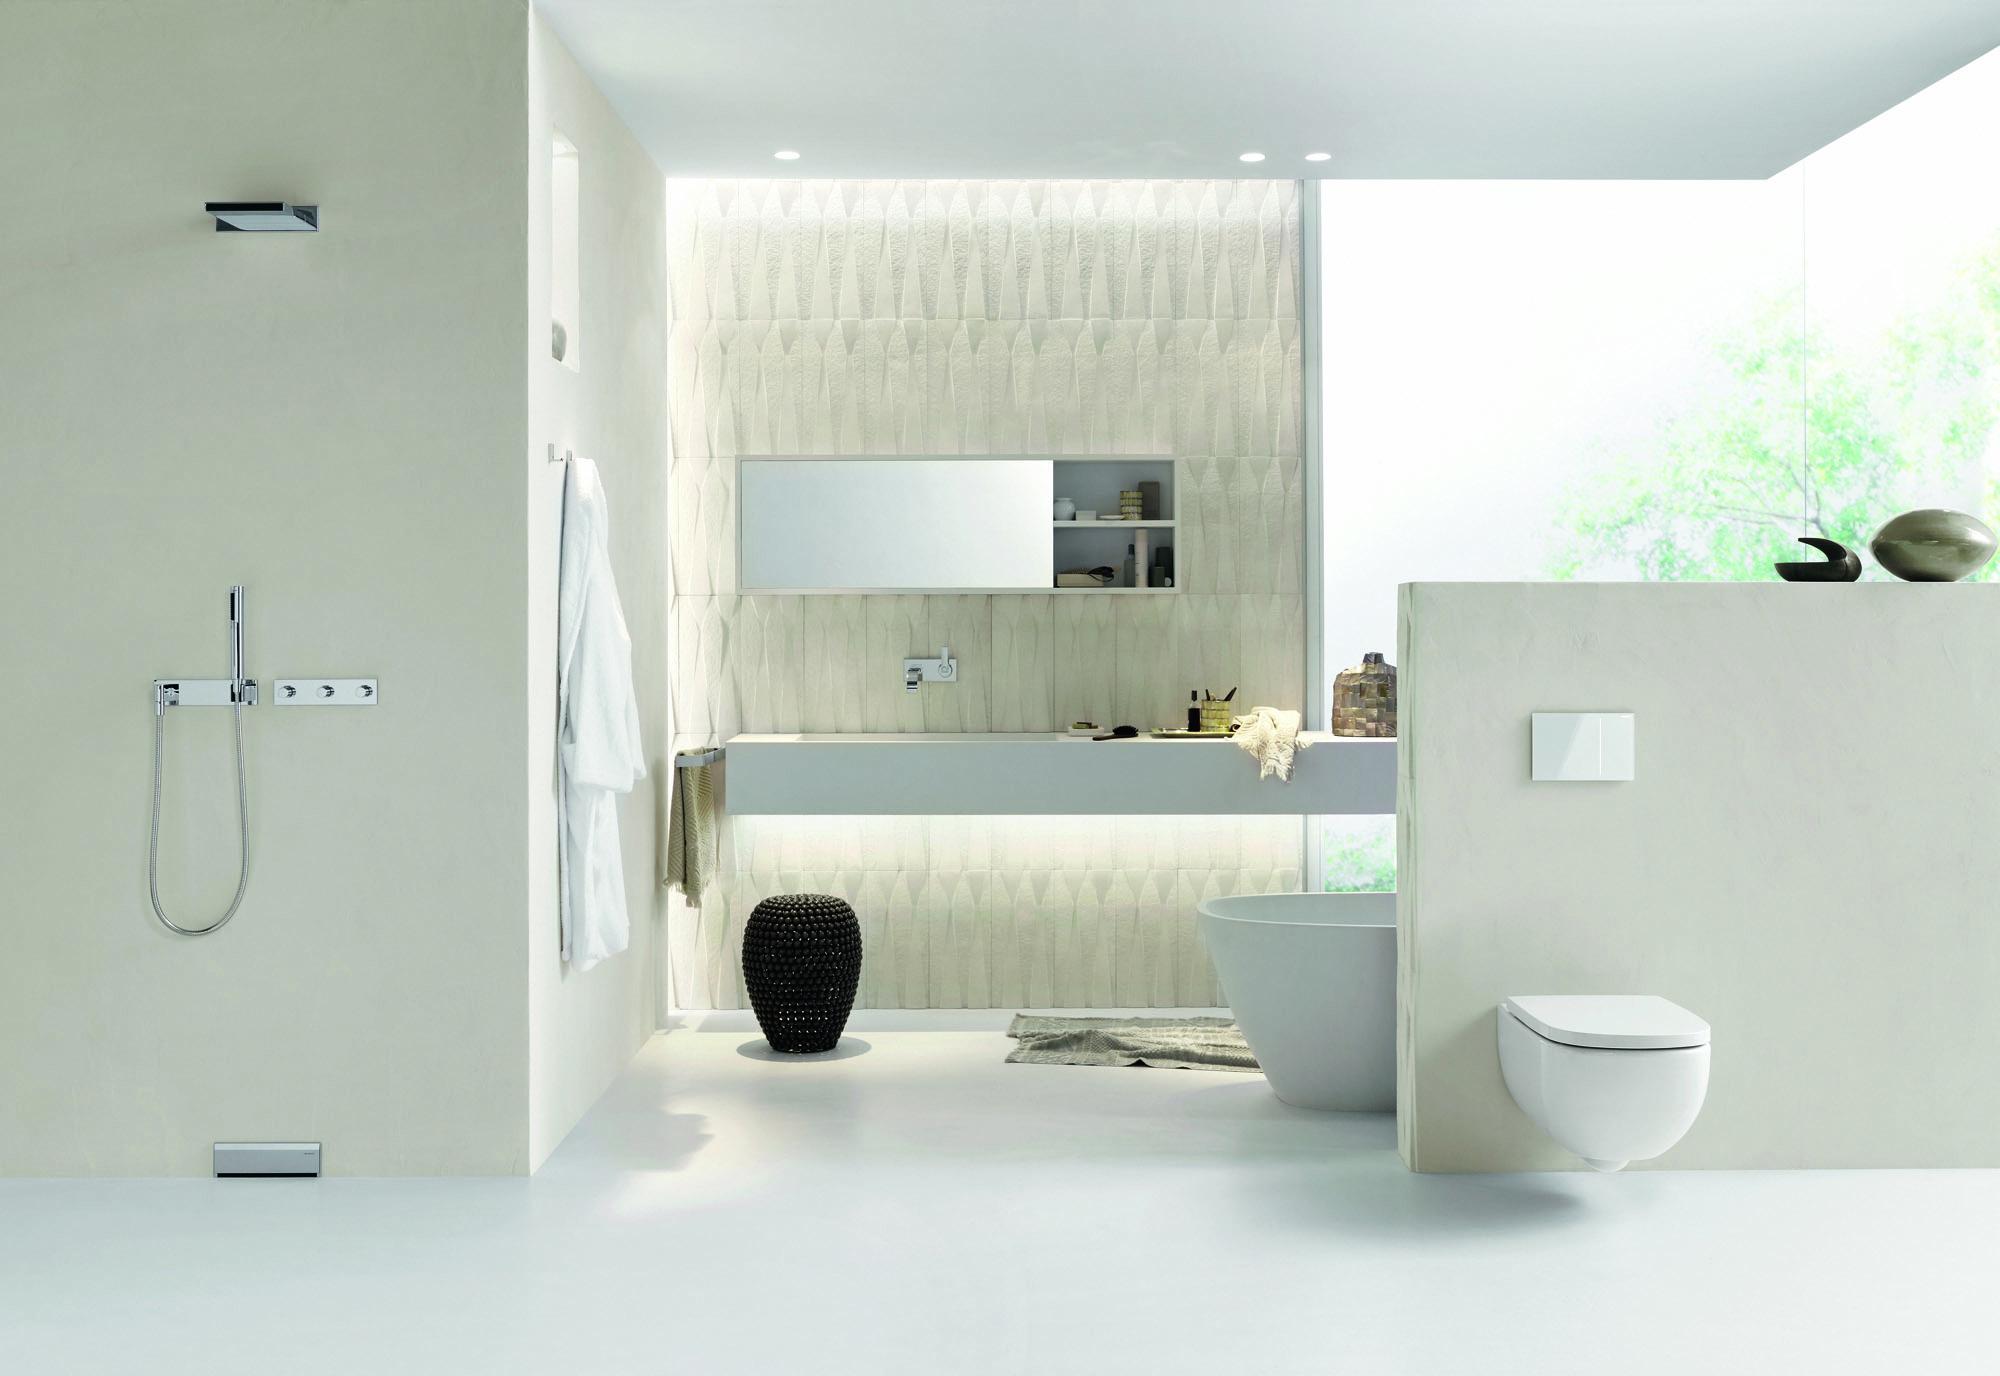 Cu les son los sistemas de desag e de un plato de ducha - Que plato de ducha elegir ...